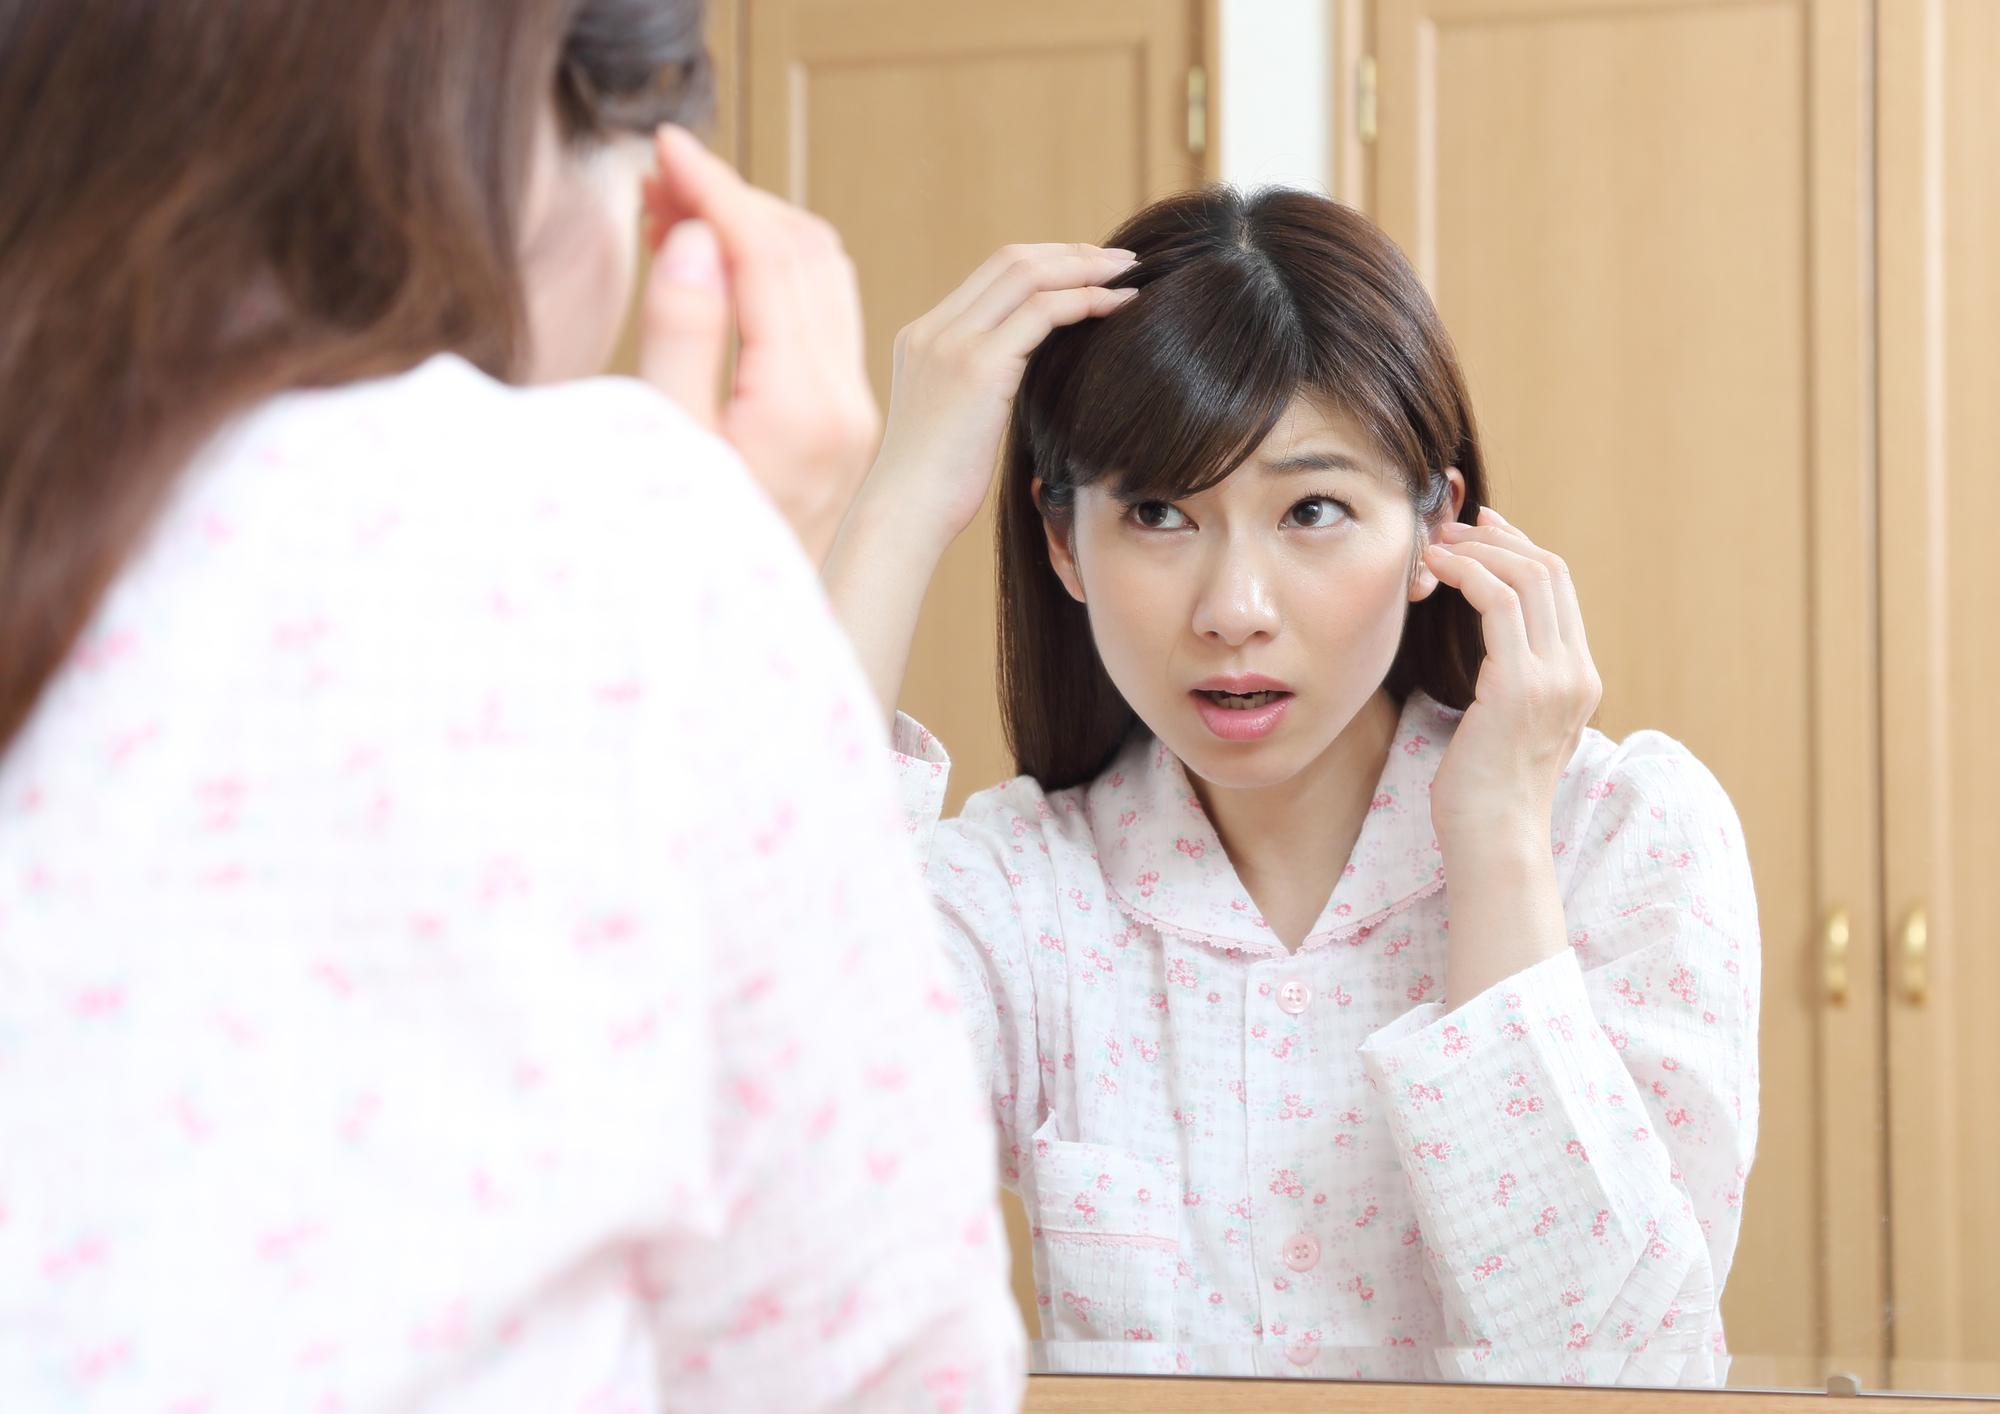 薄毛に悩む女性必読!大豆イソフラボンの摂取が重要な理由